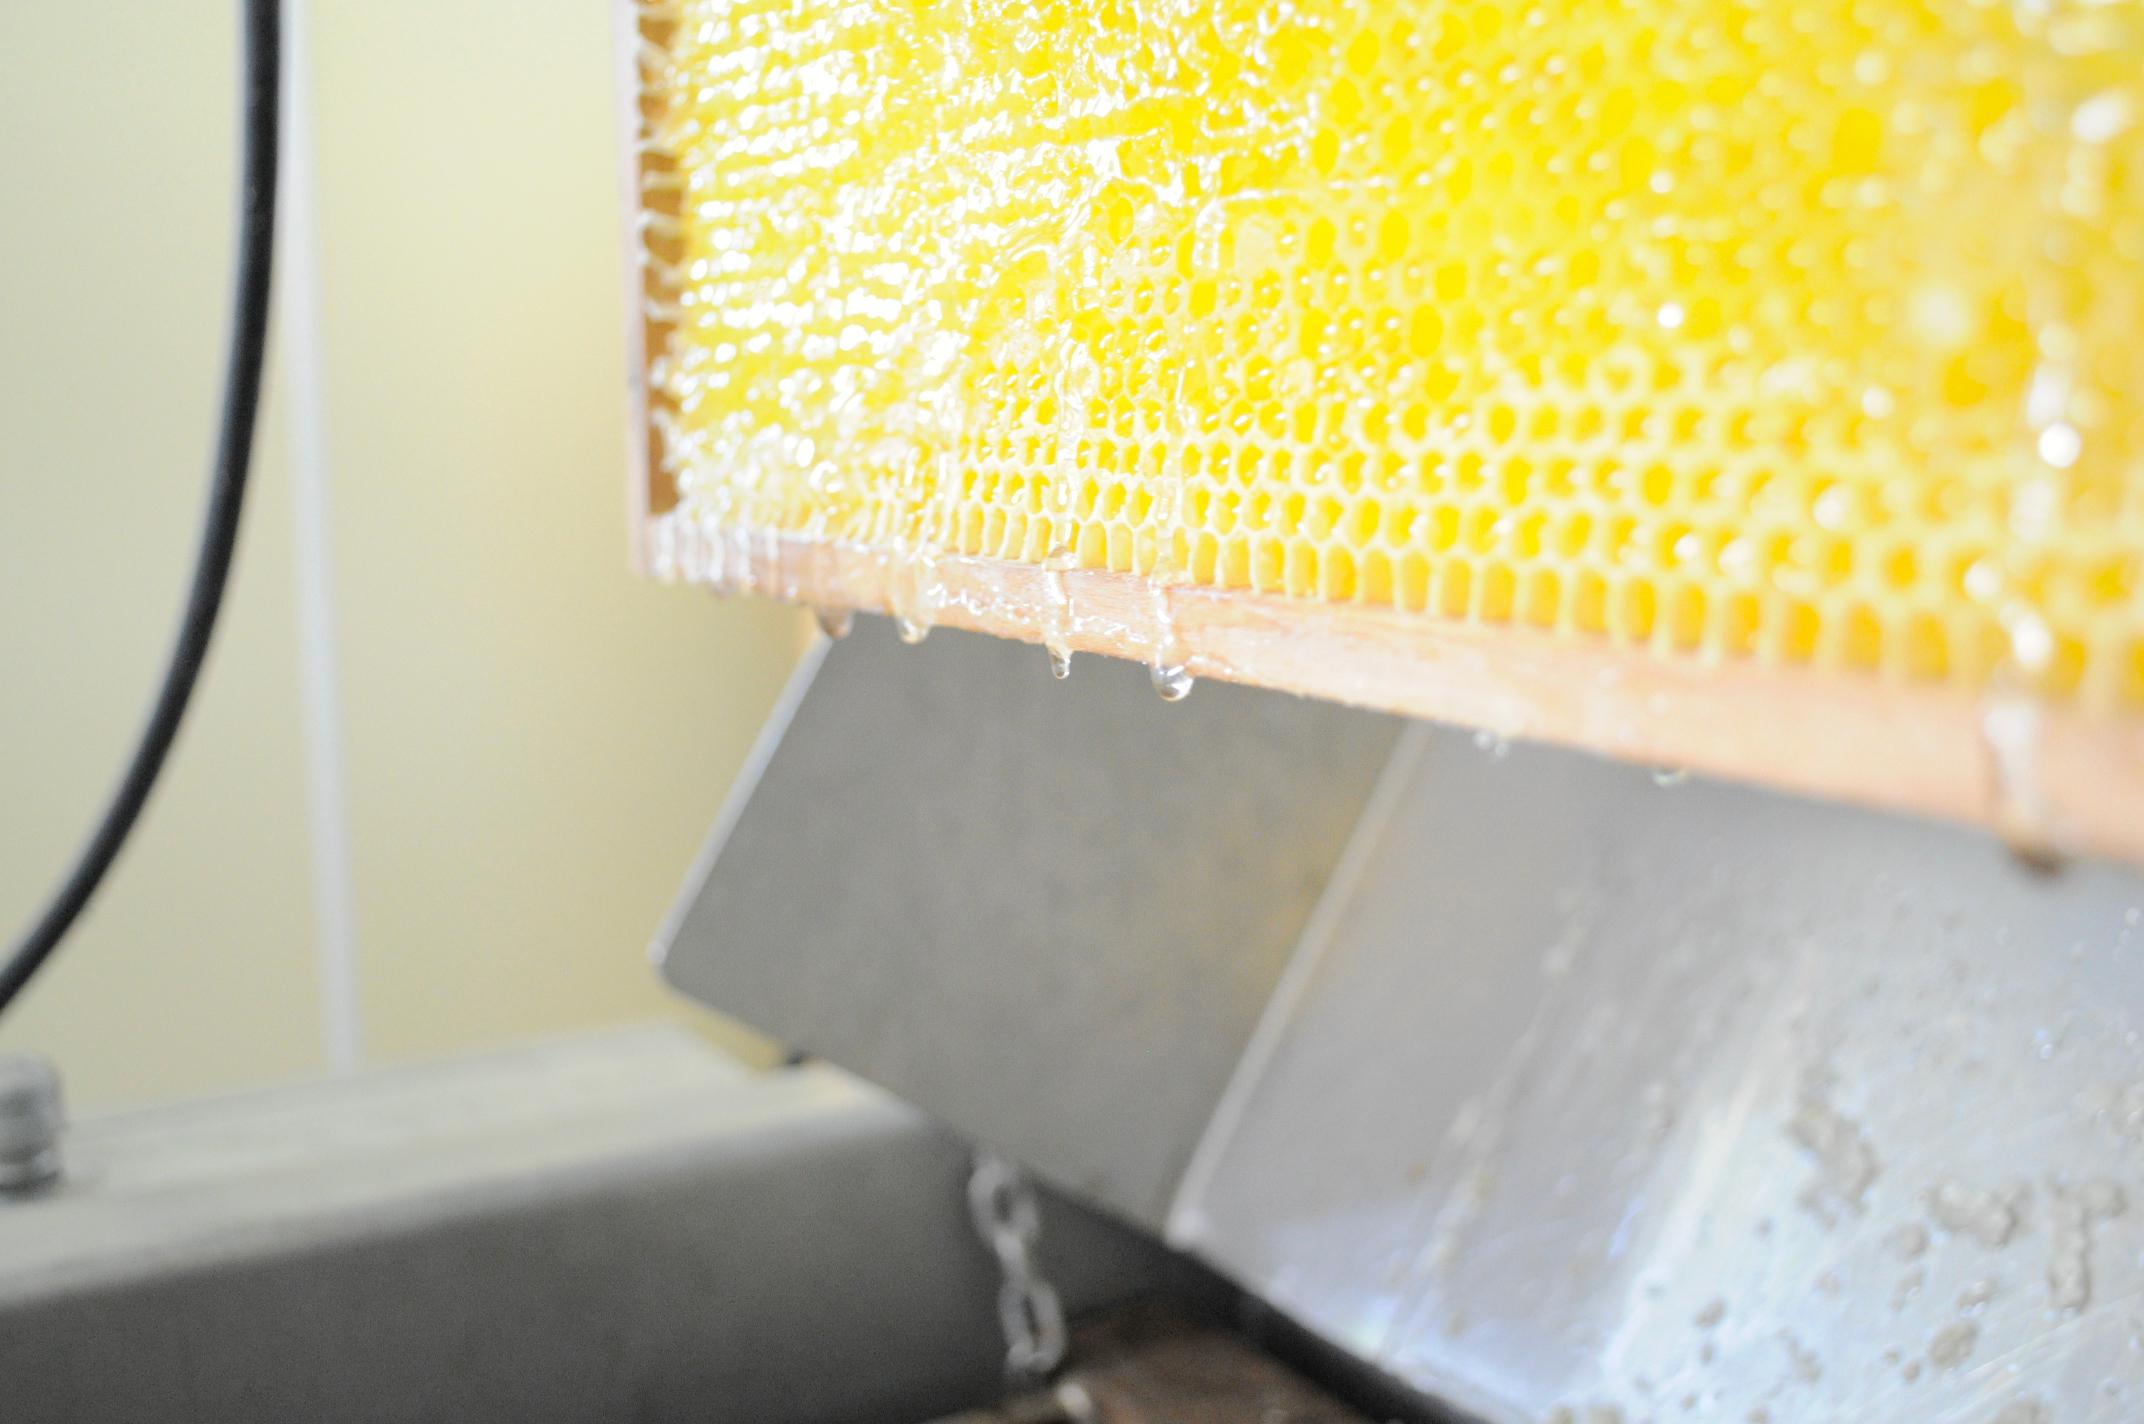 Honigwabe bei Honigernte